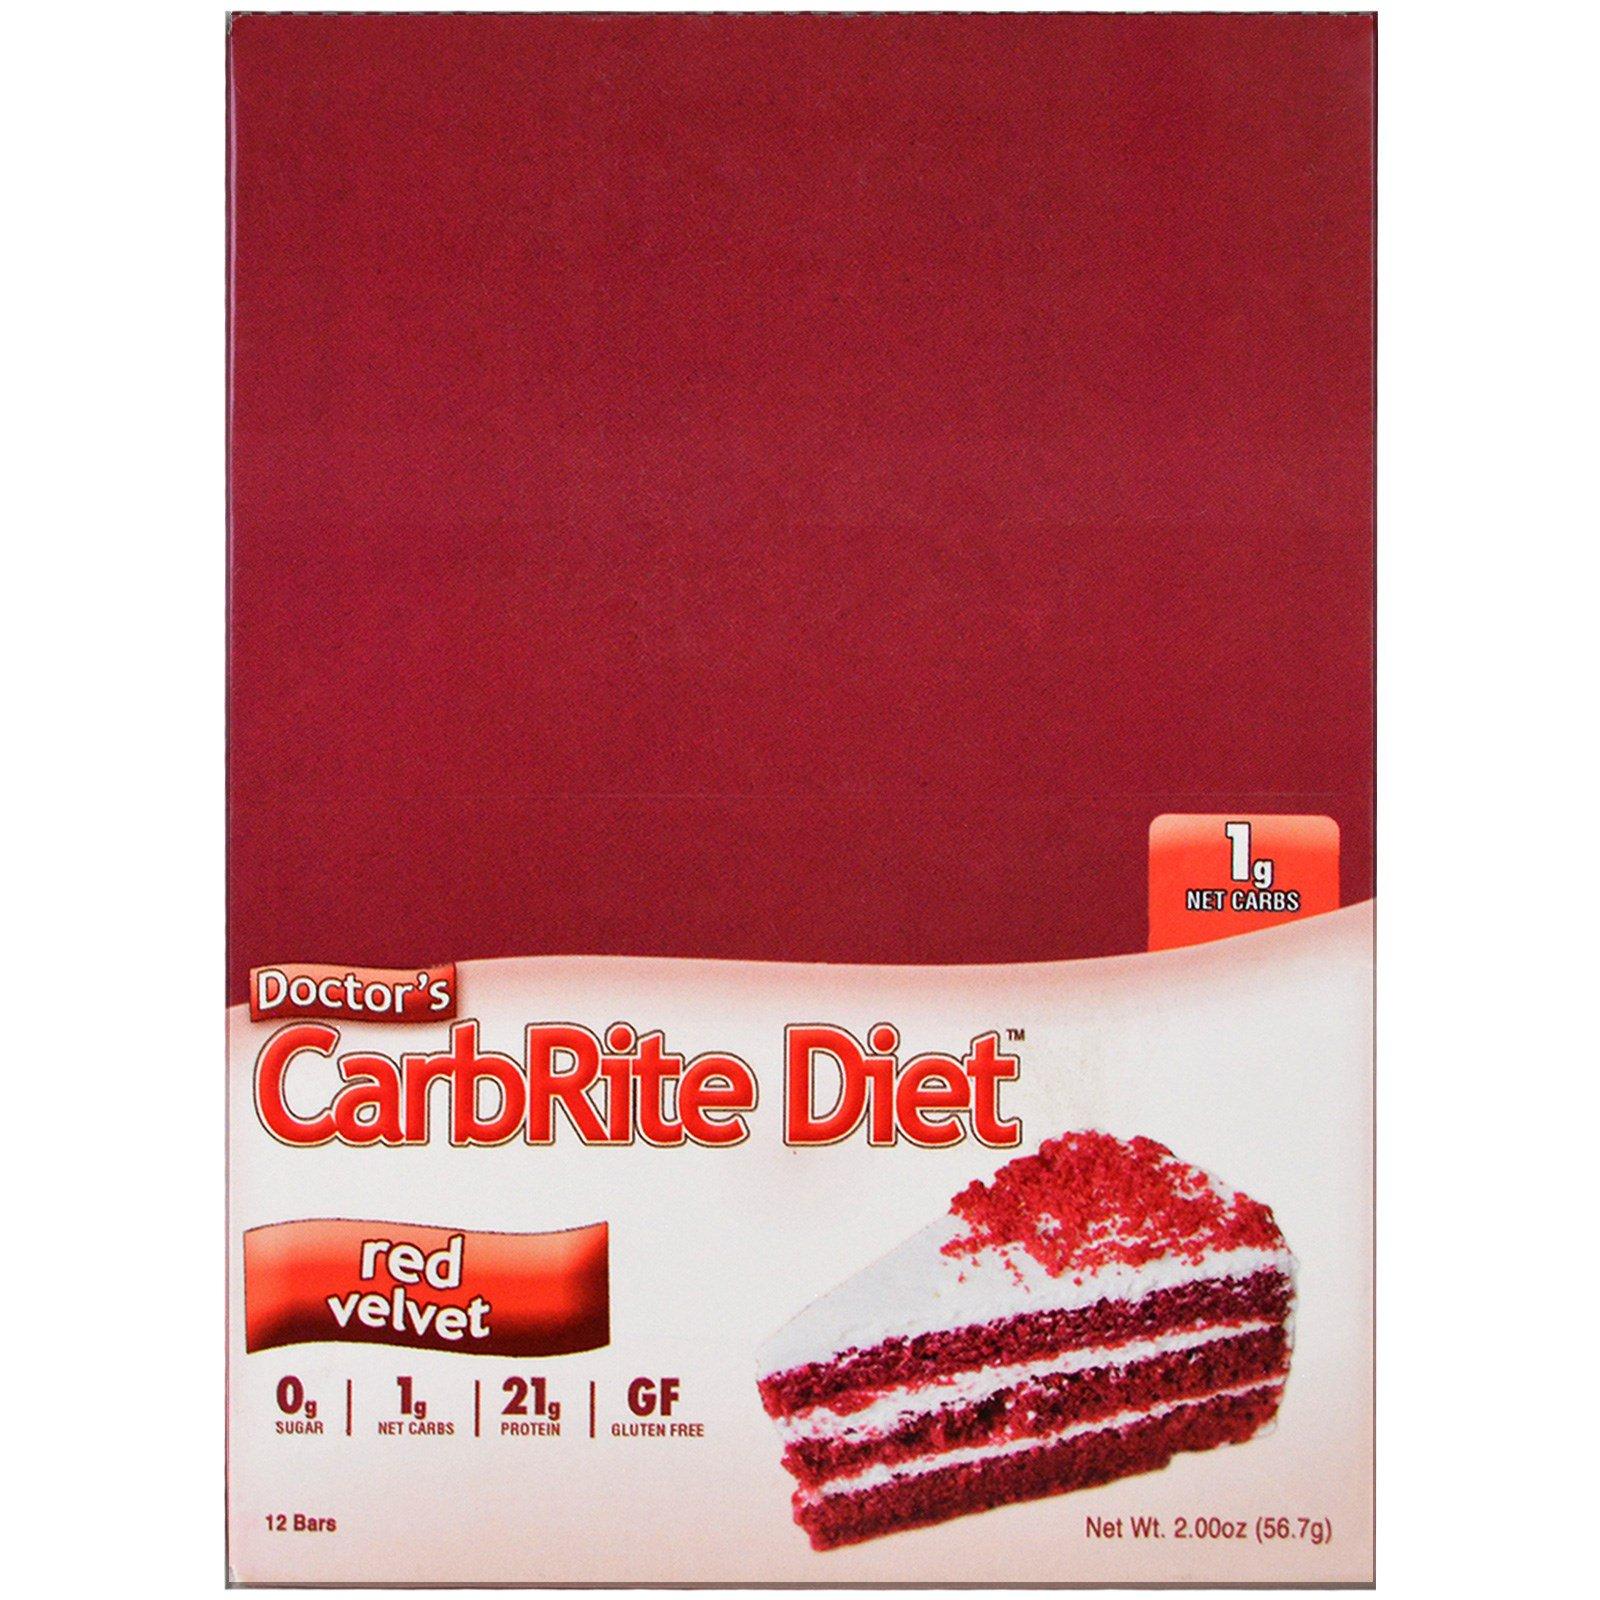 Universal Nutrition, Doctor's CarbRite Diet, красный бархат, 12 батончиков, 2,00 унции (56,7 г) каждый